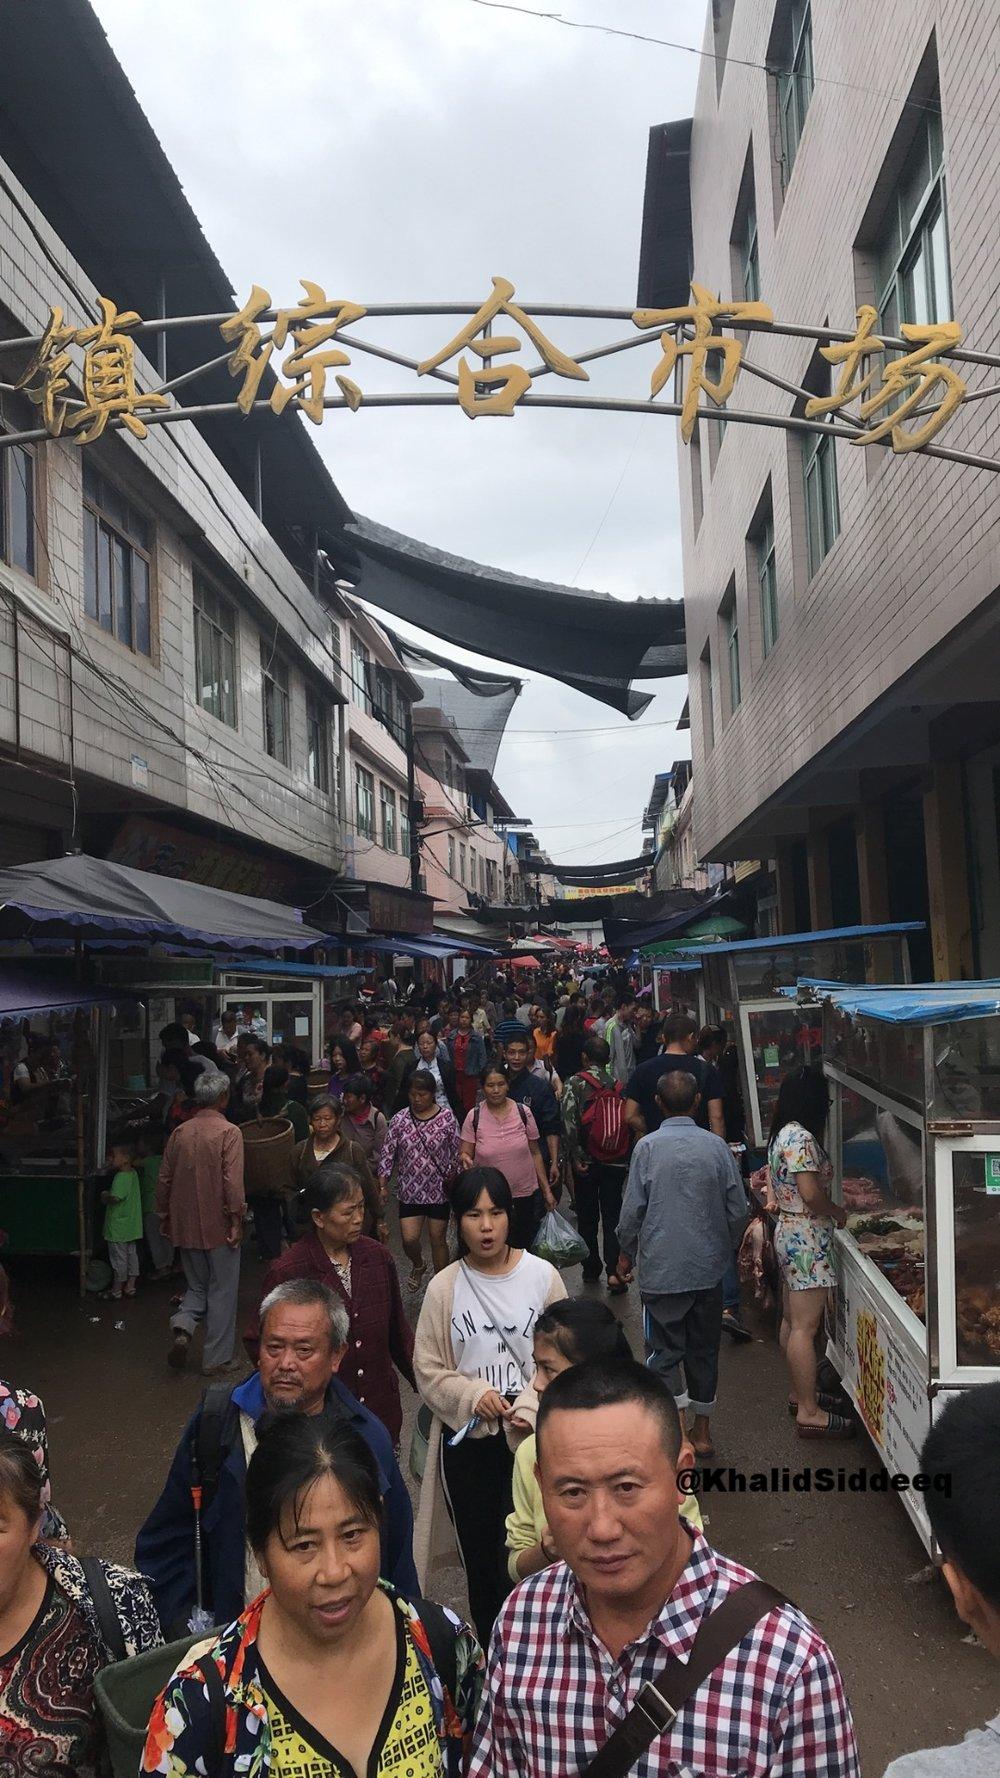 السوق الشعبي في القرية